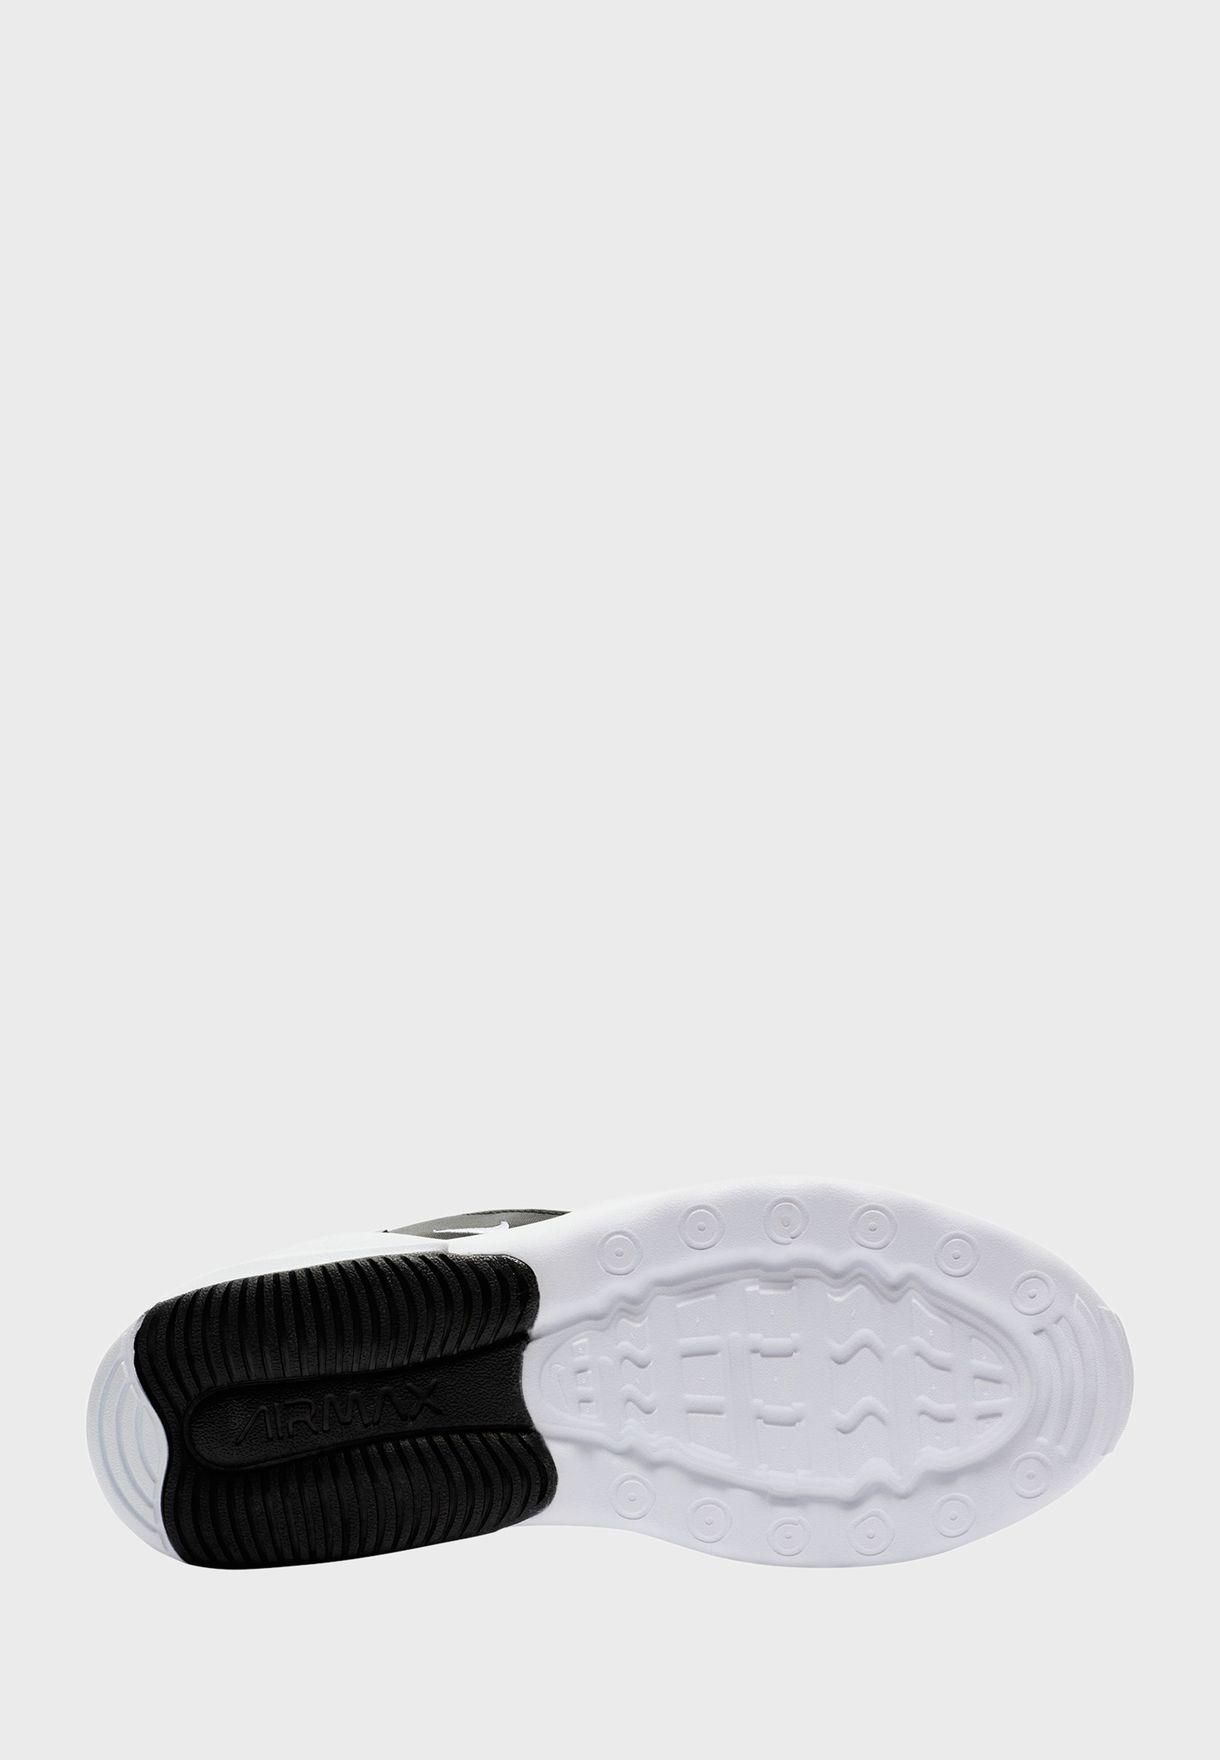 حذاء اير ماكس بولت